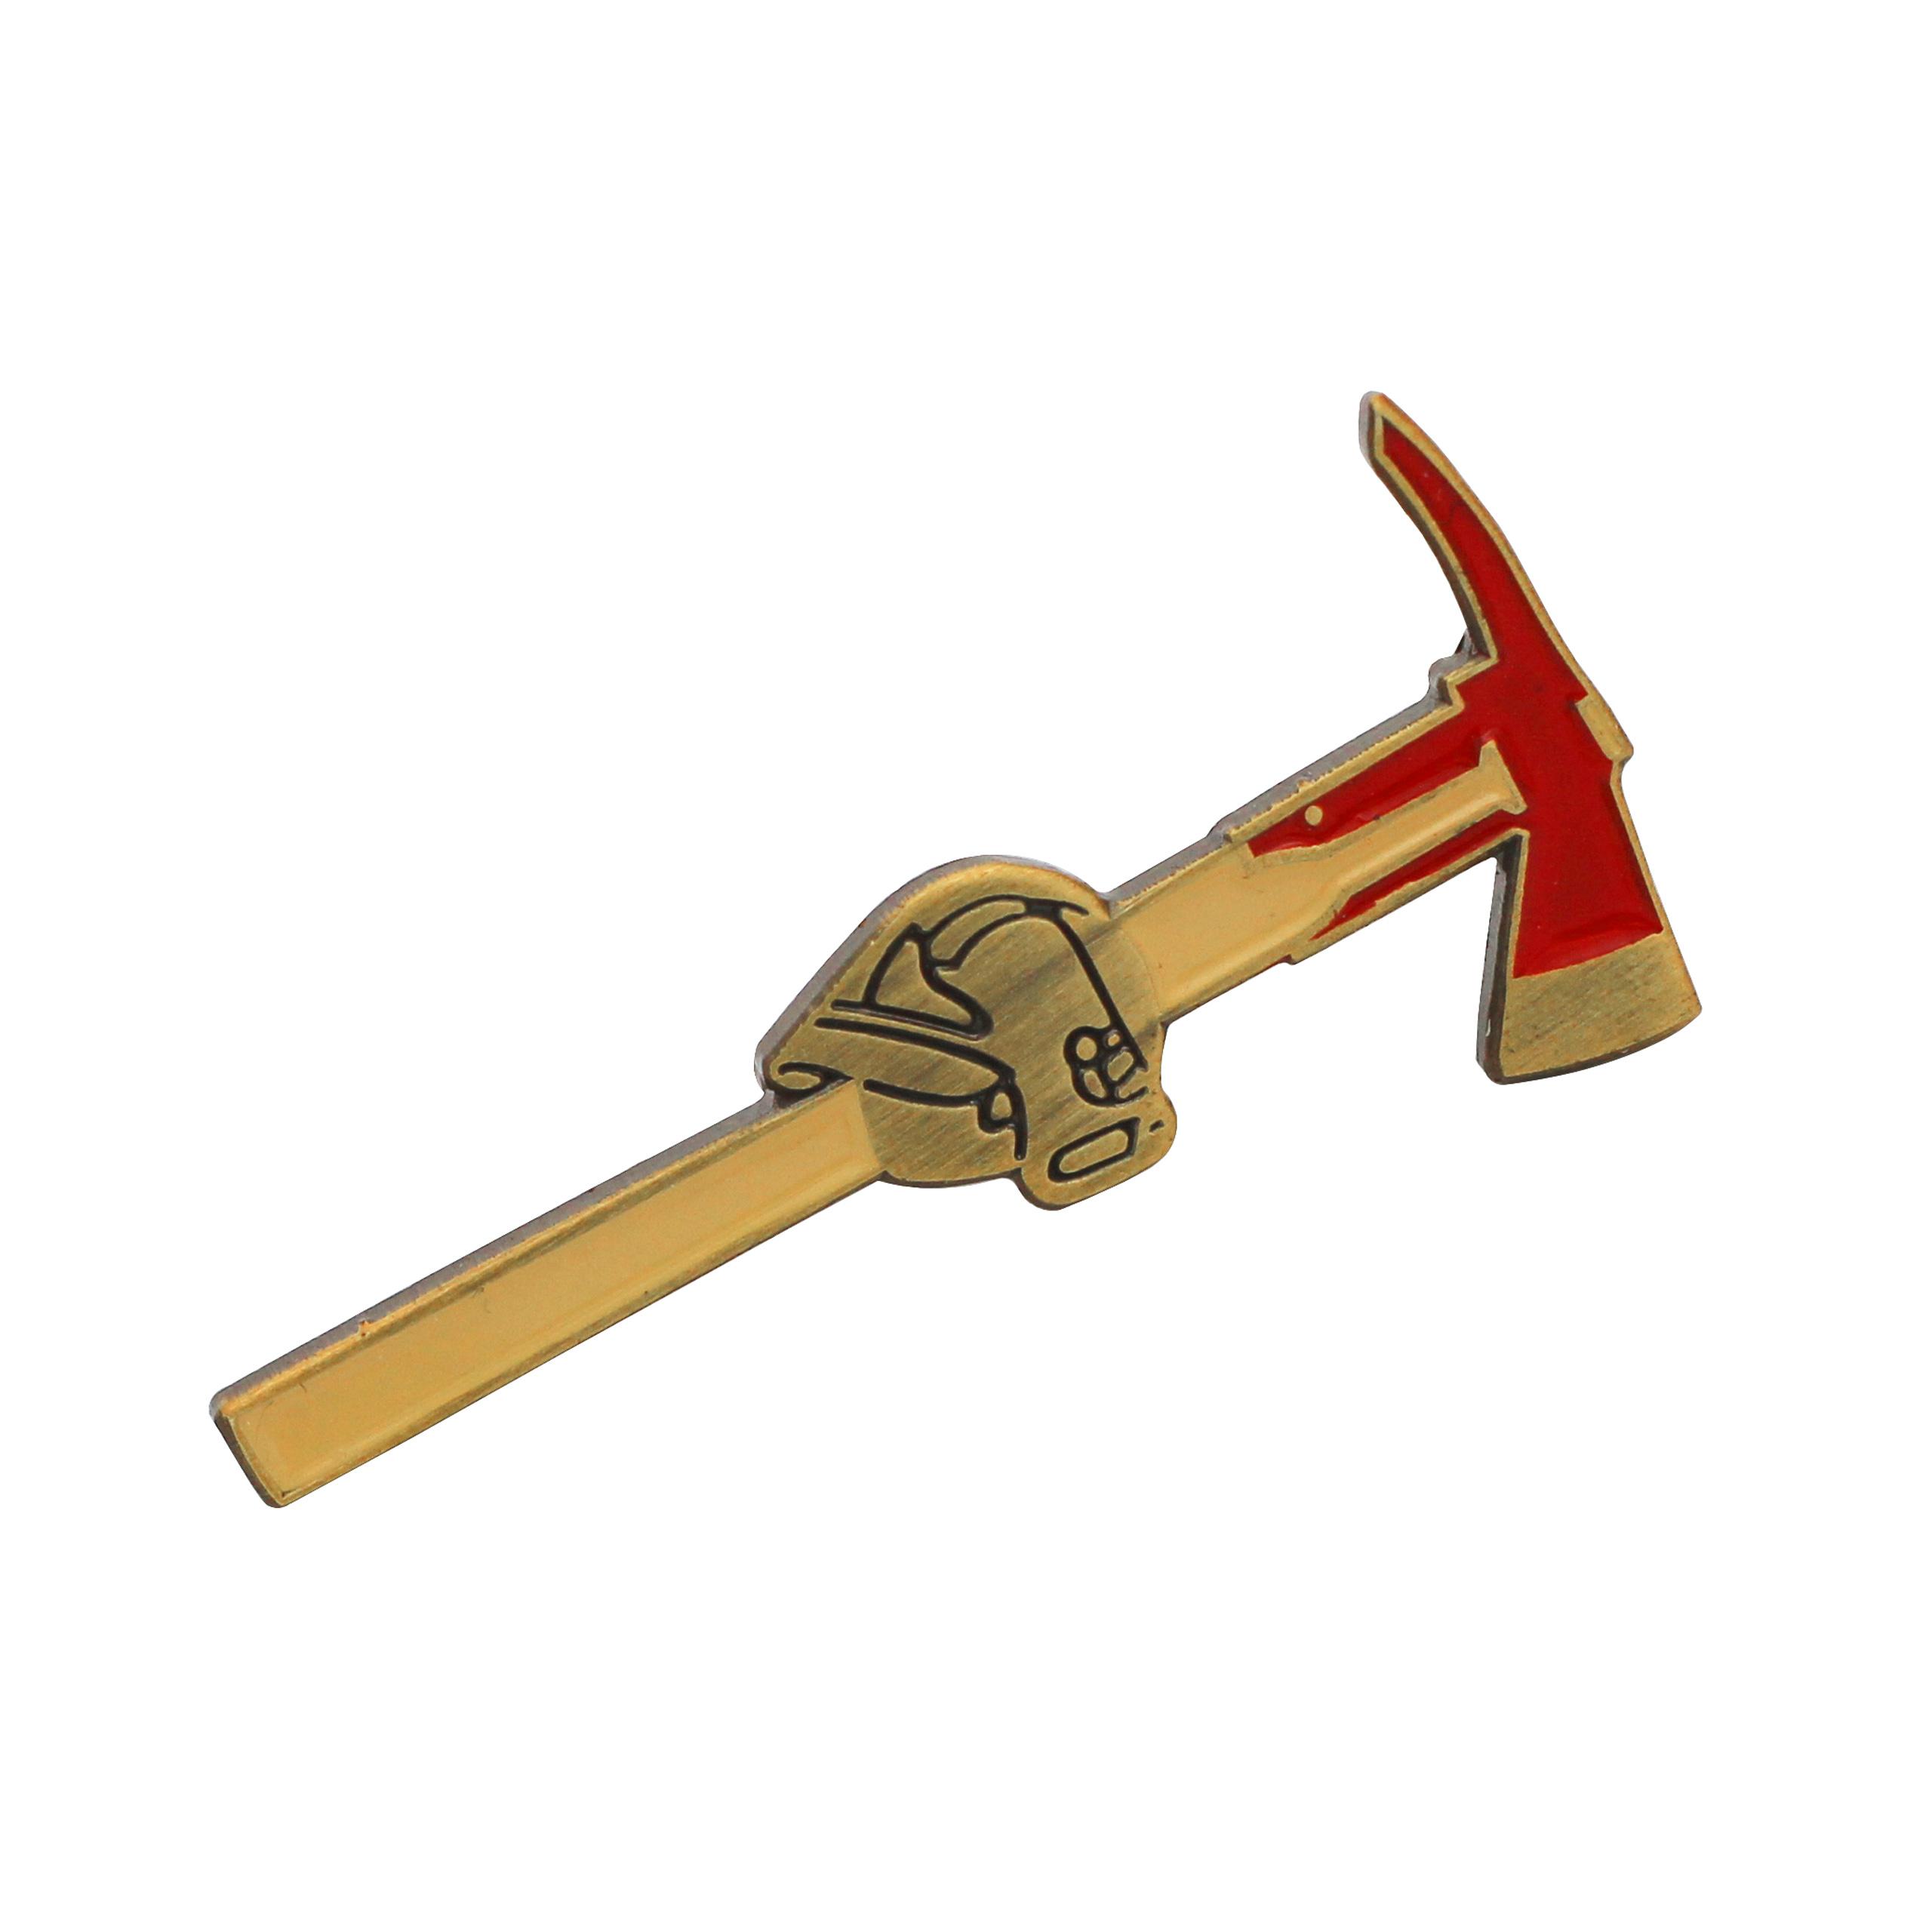 PIN pre hasičov. Ročné, piny požiarne